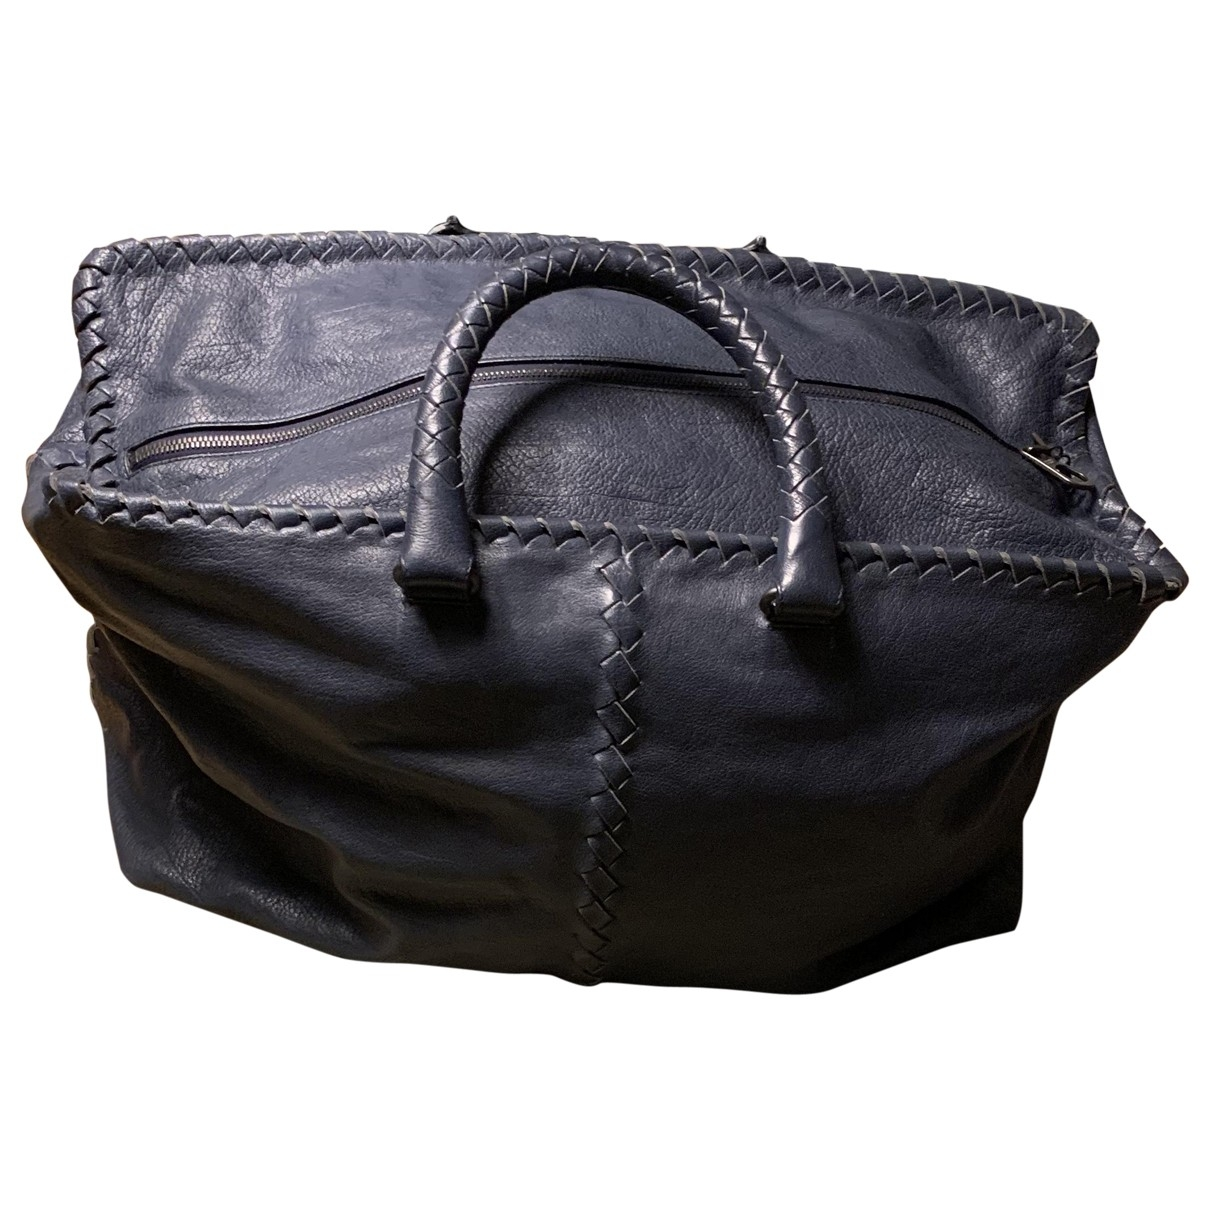 Bottega Veneta \N Leather Travel bag for Women \N